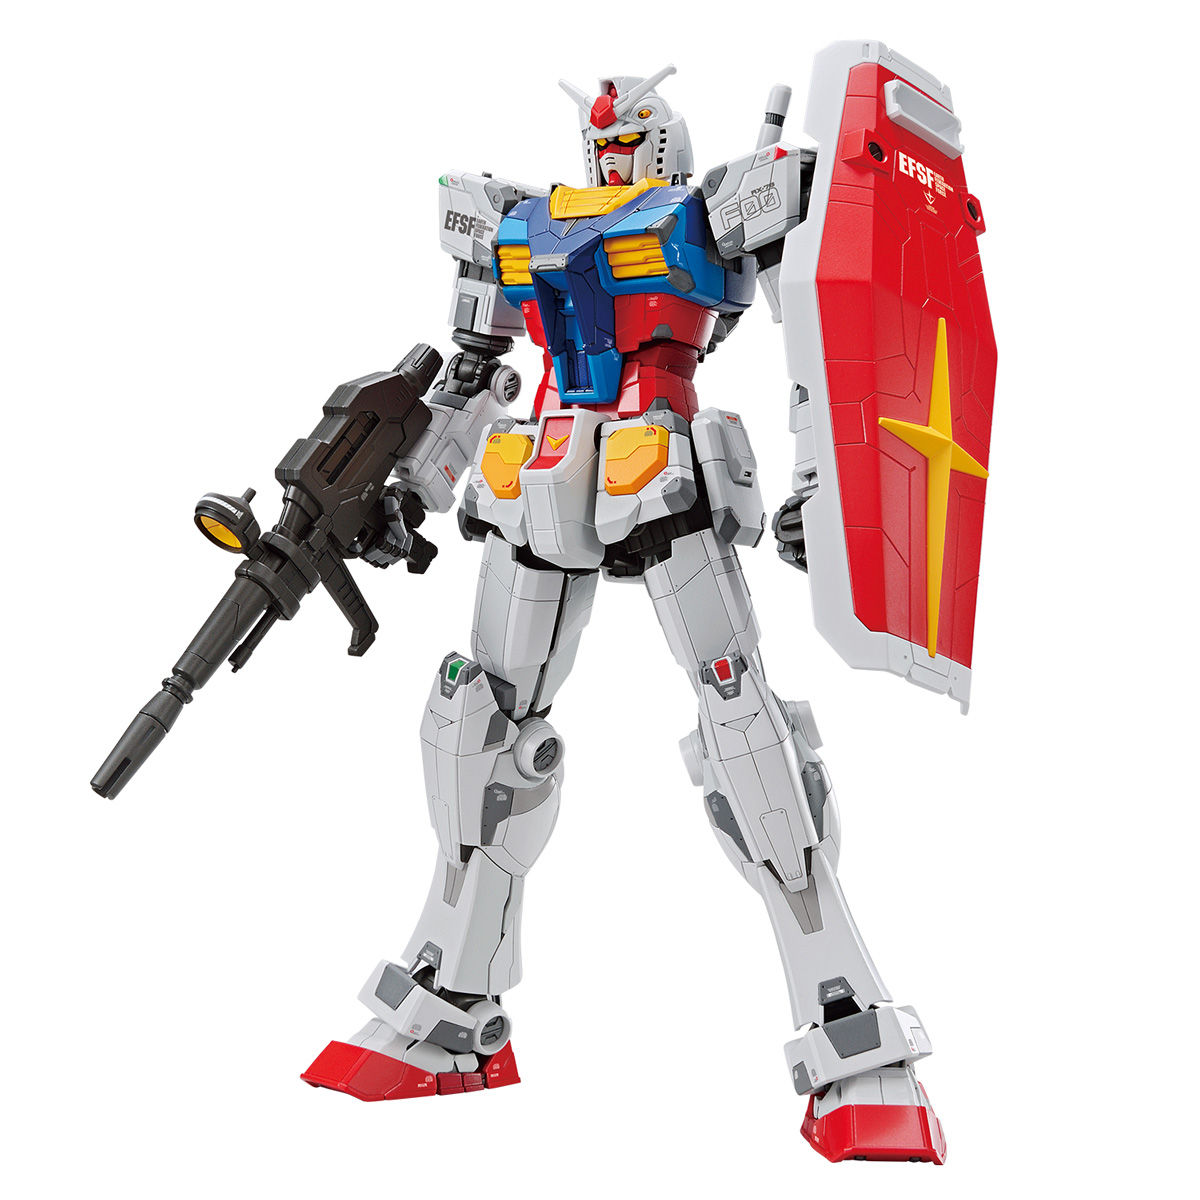 【先行販売】GUNDAM FACTORY YOKOHAMA『RX-78F00 ガンダム』1/100 プラモデル-010